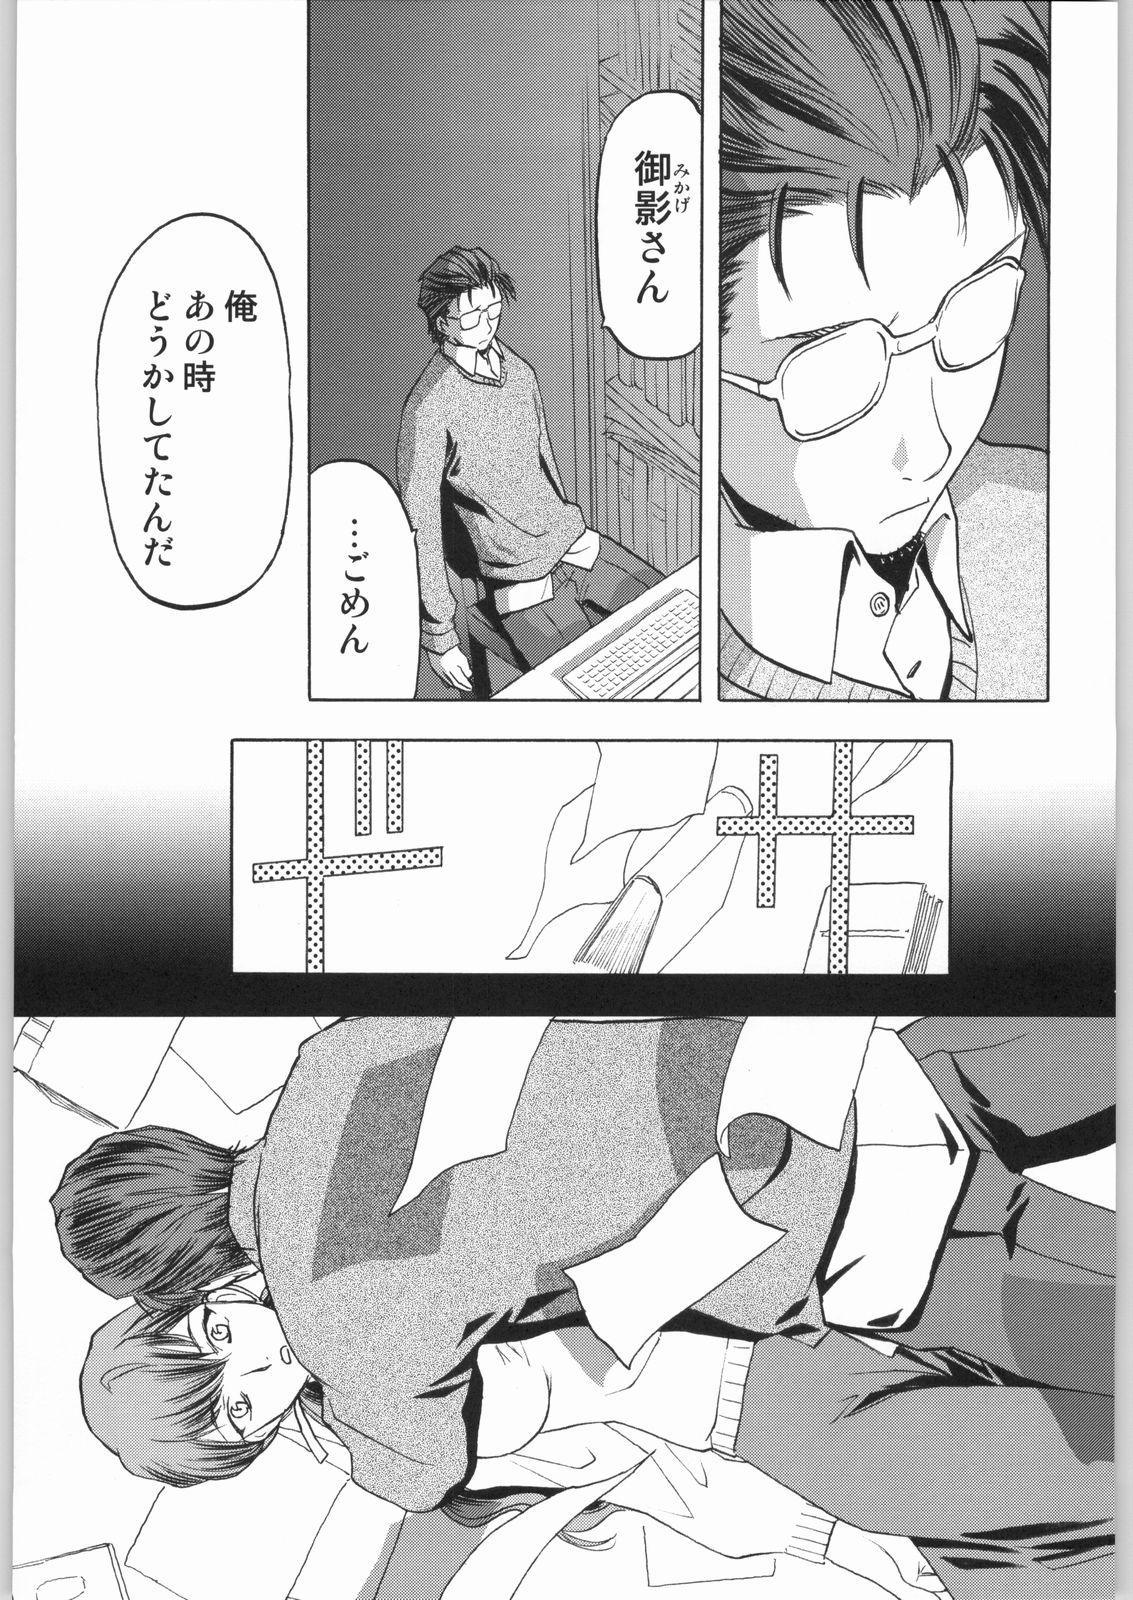 Yagyuu Ichizoku no Inkou 5